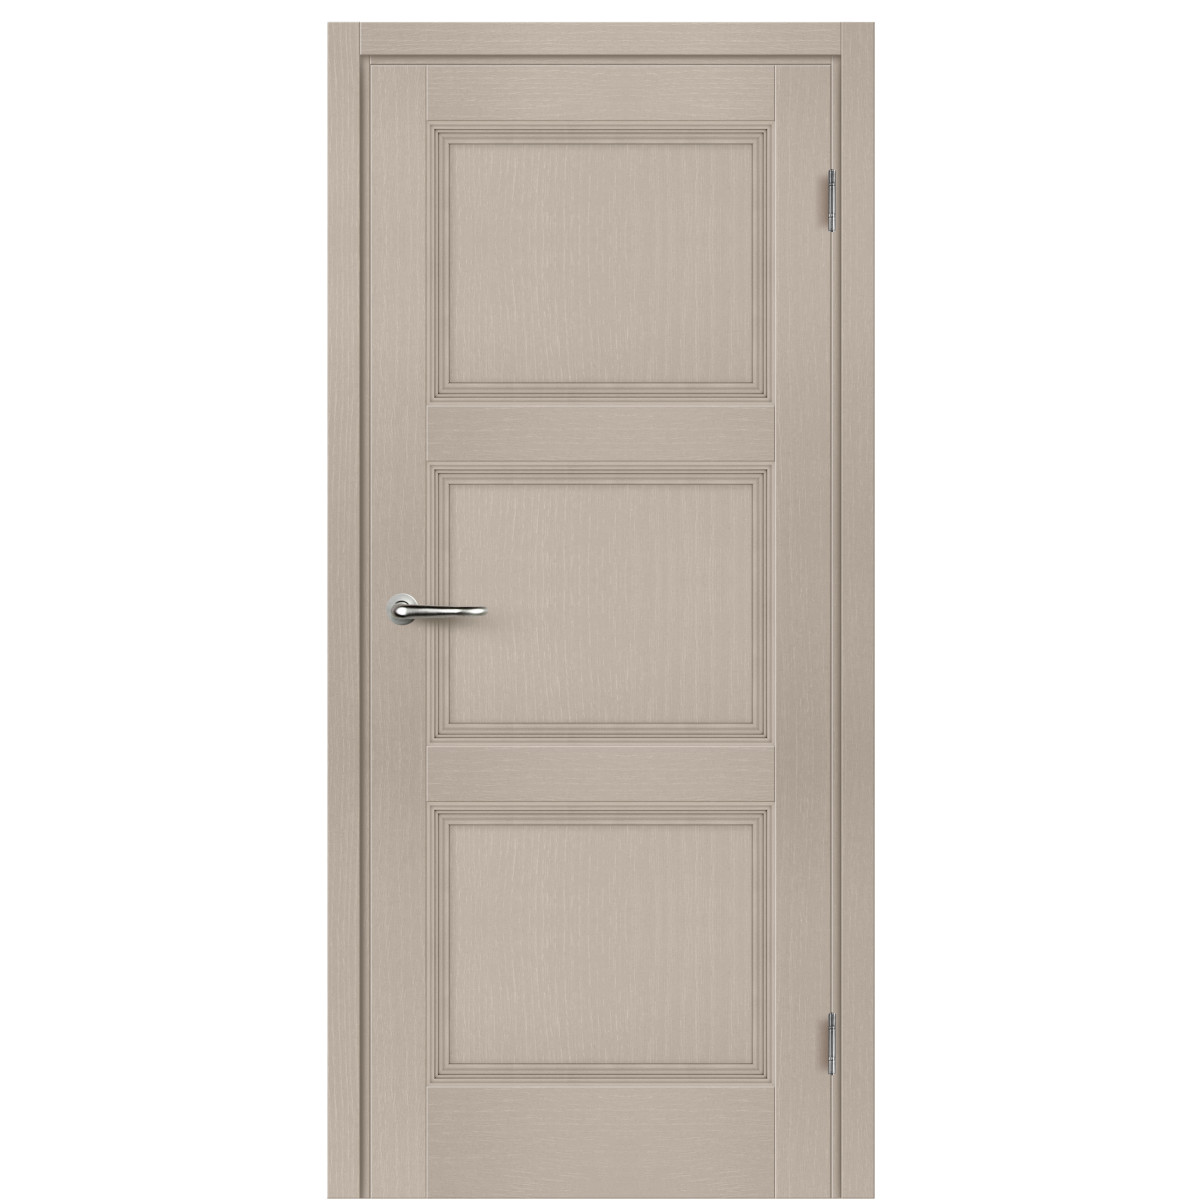 Дверь Межкомнатная Глухая Трилло 60x200 Hardflex Цвет Ясень